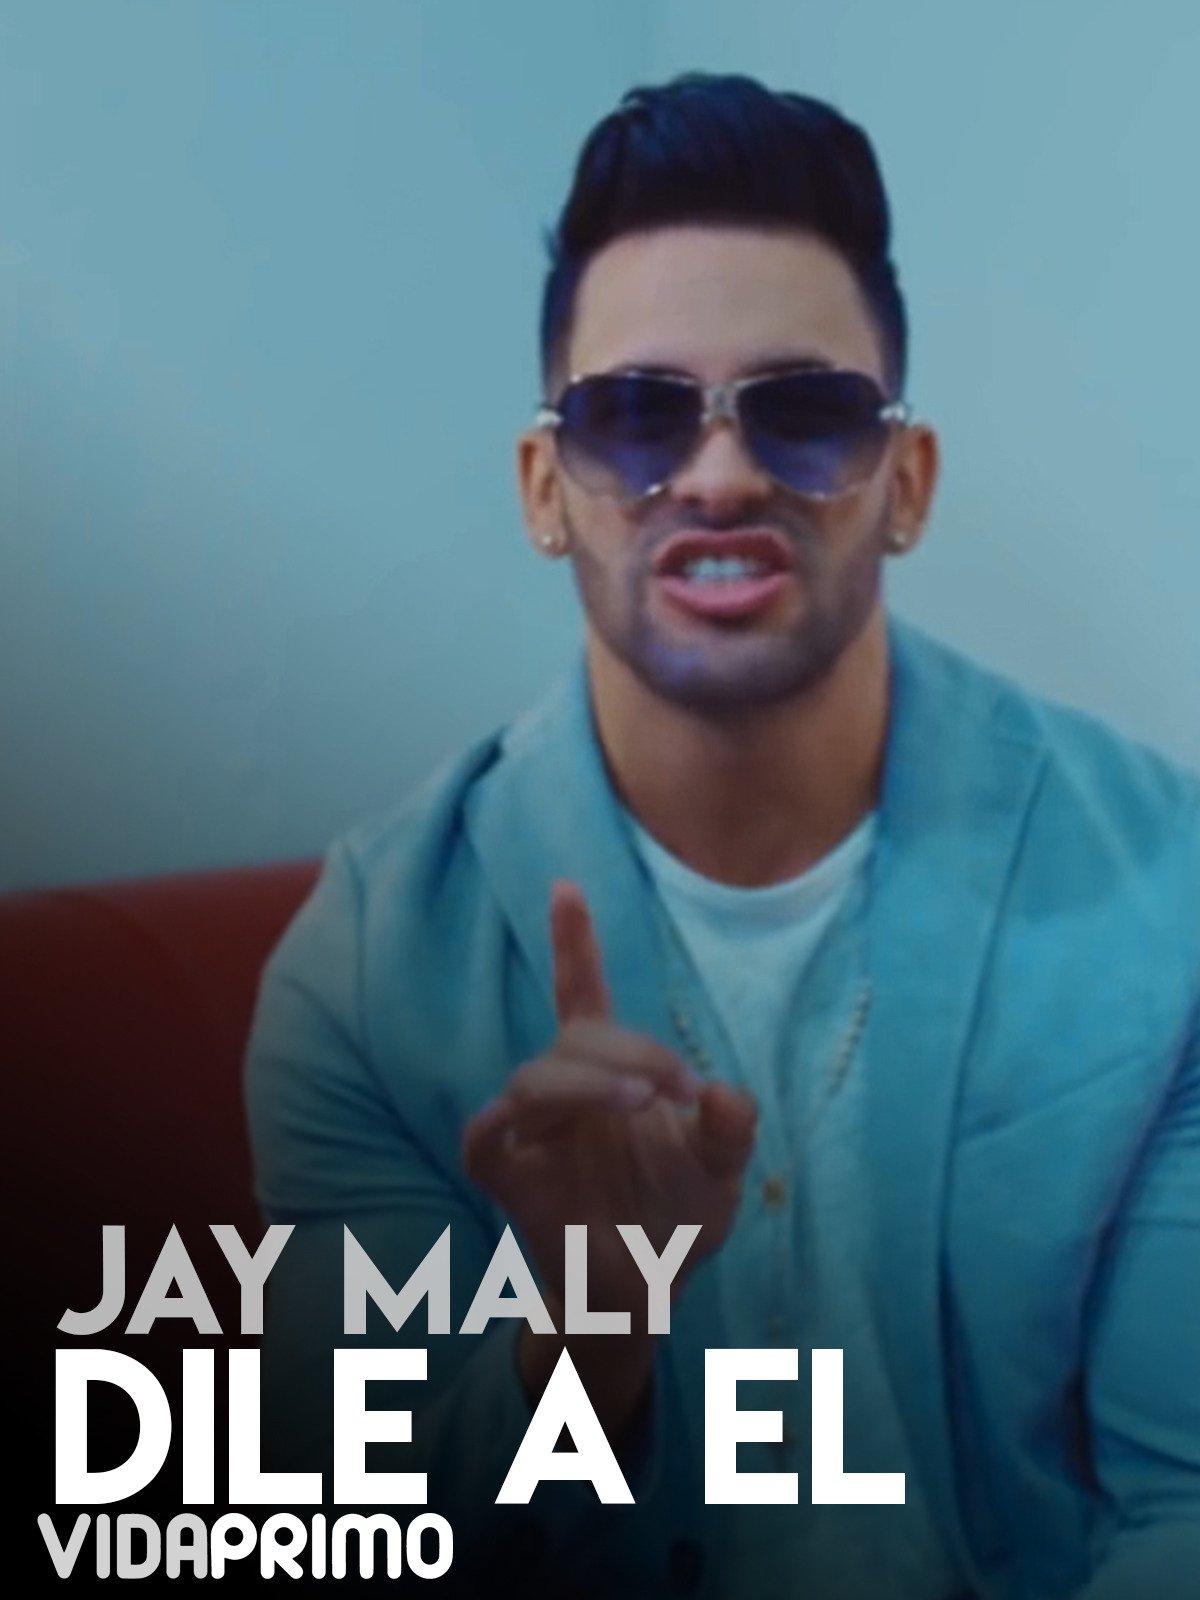 Jay Maly